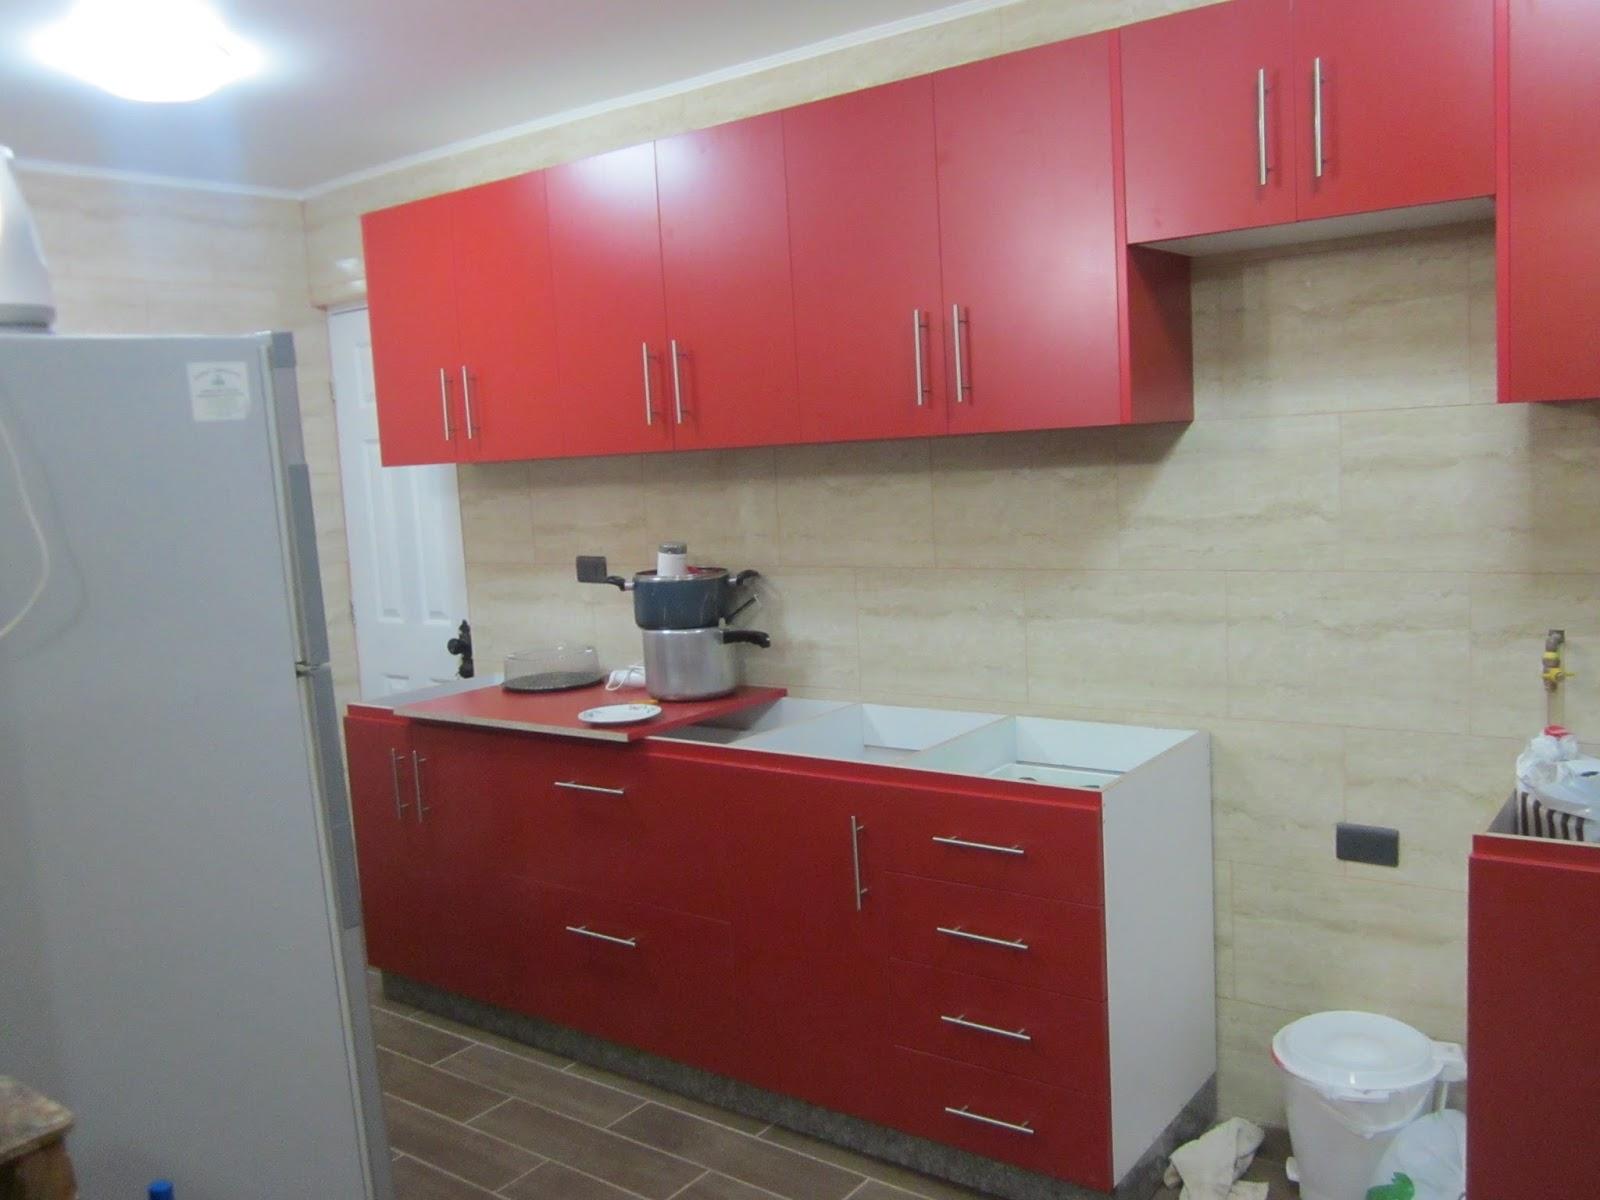 Rc mueble amoblado de cocina rojo for Disenos de muebles de cocina colgantes